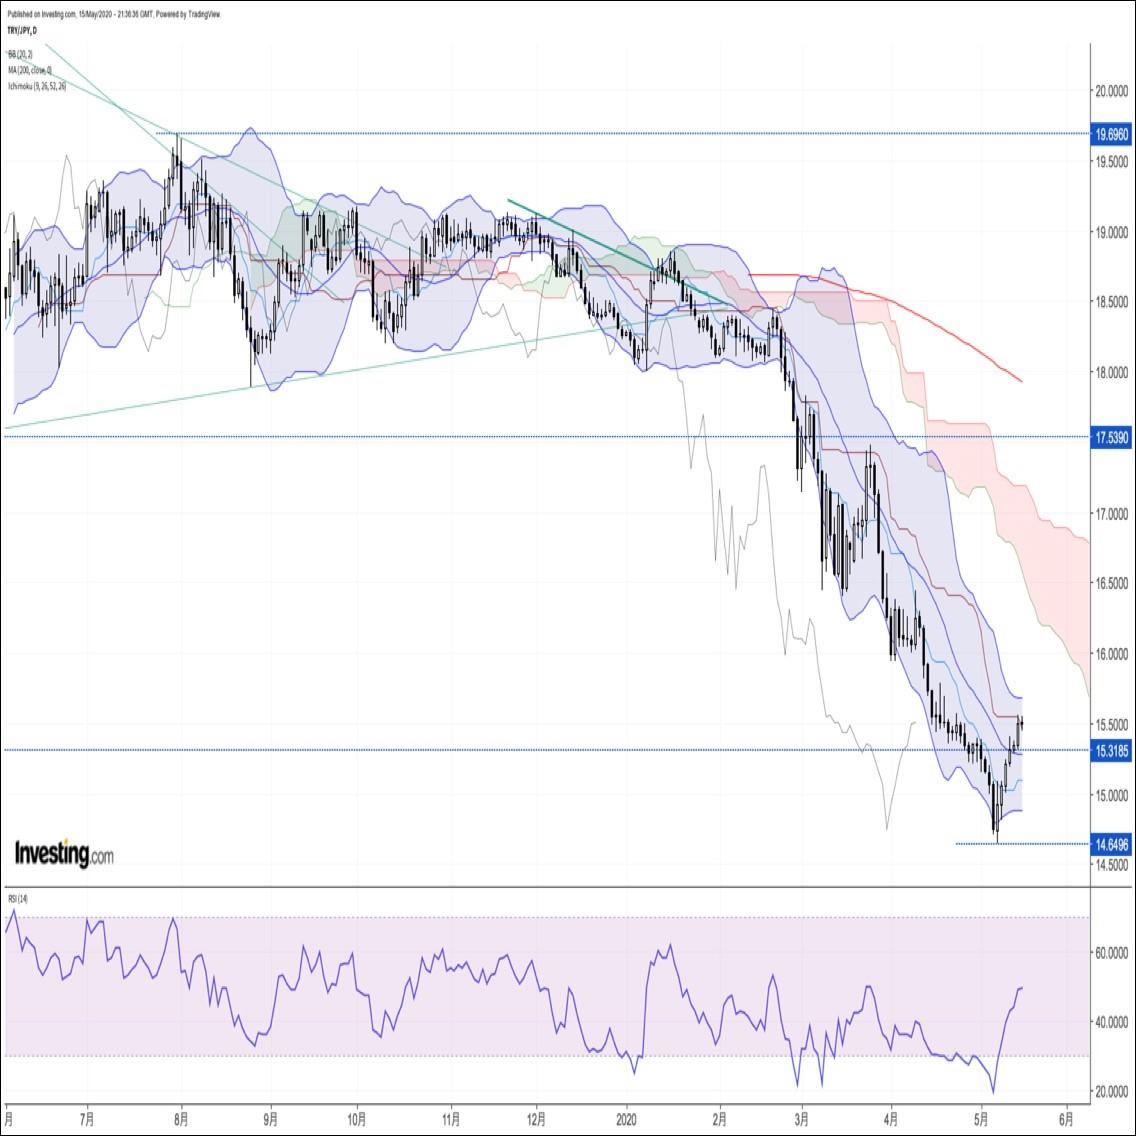 トルコリラ週報:『トルコ中銀金融政策決定会合に注目。一巡後の反落リスクに警戒』(5/16朝)